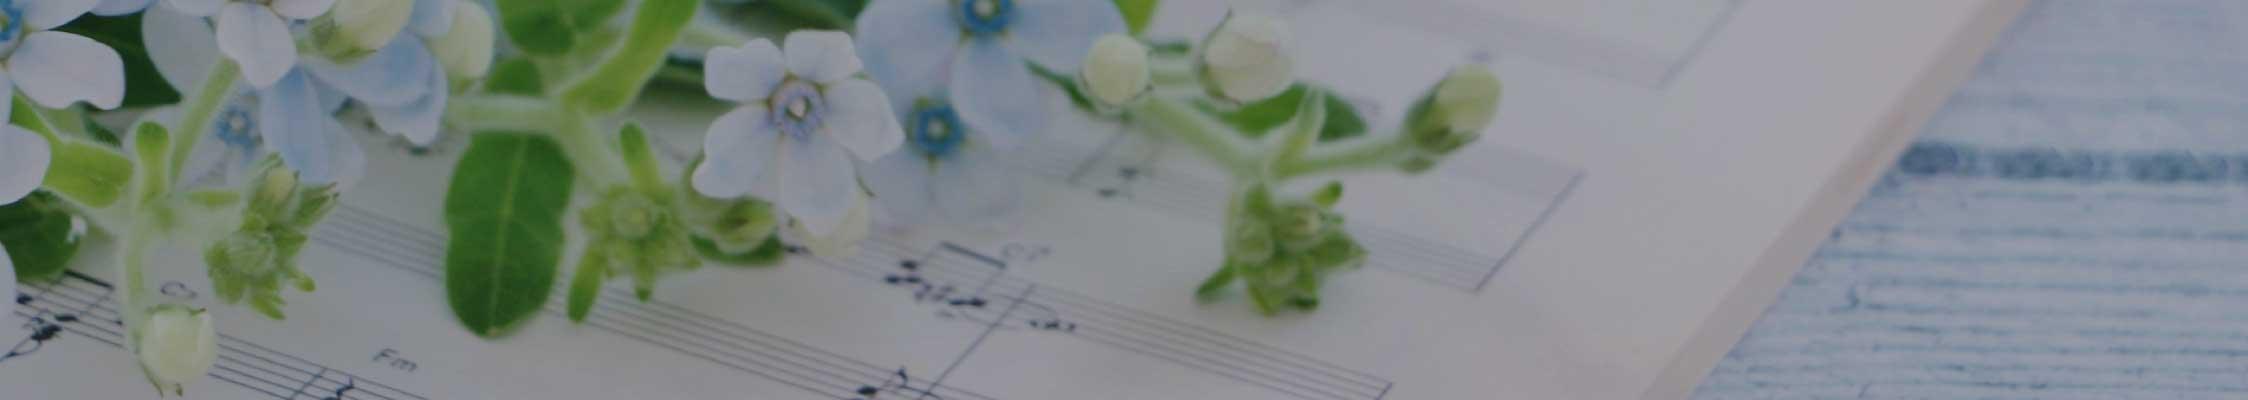 楽譜 写真